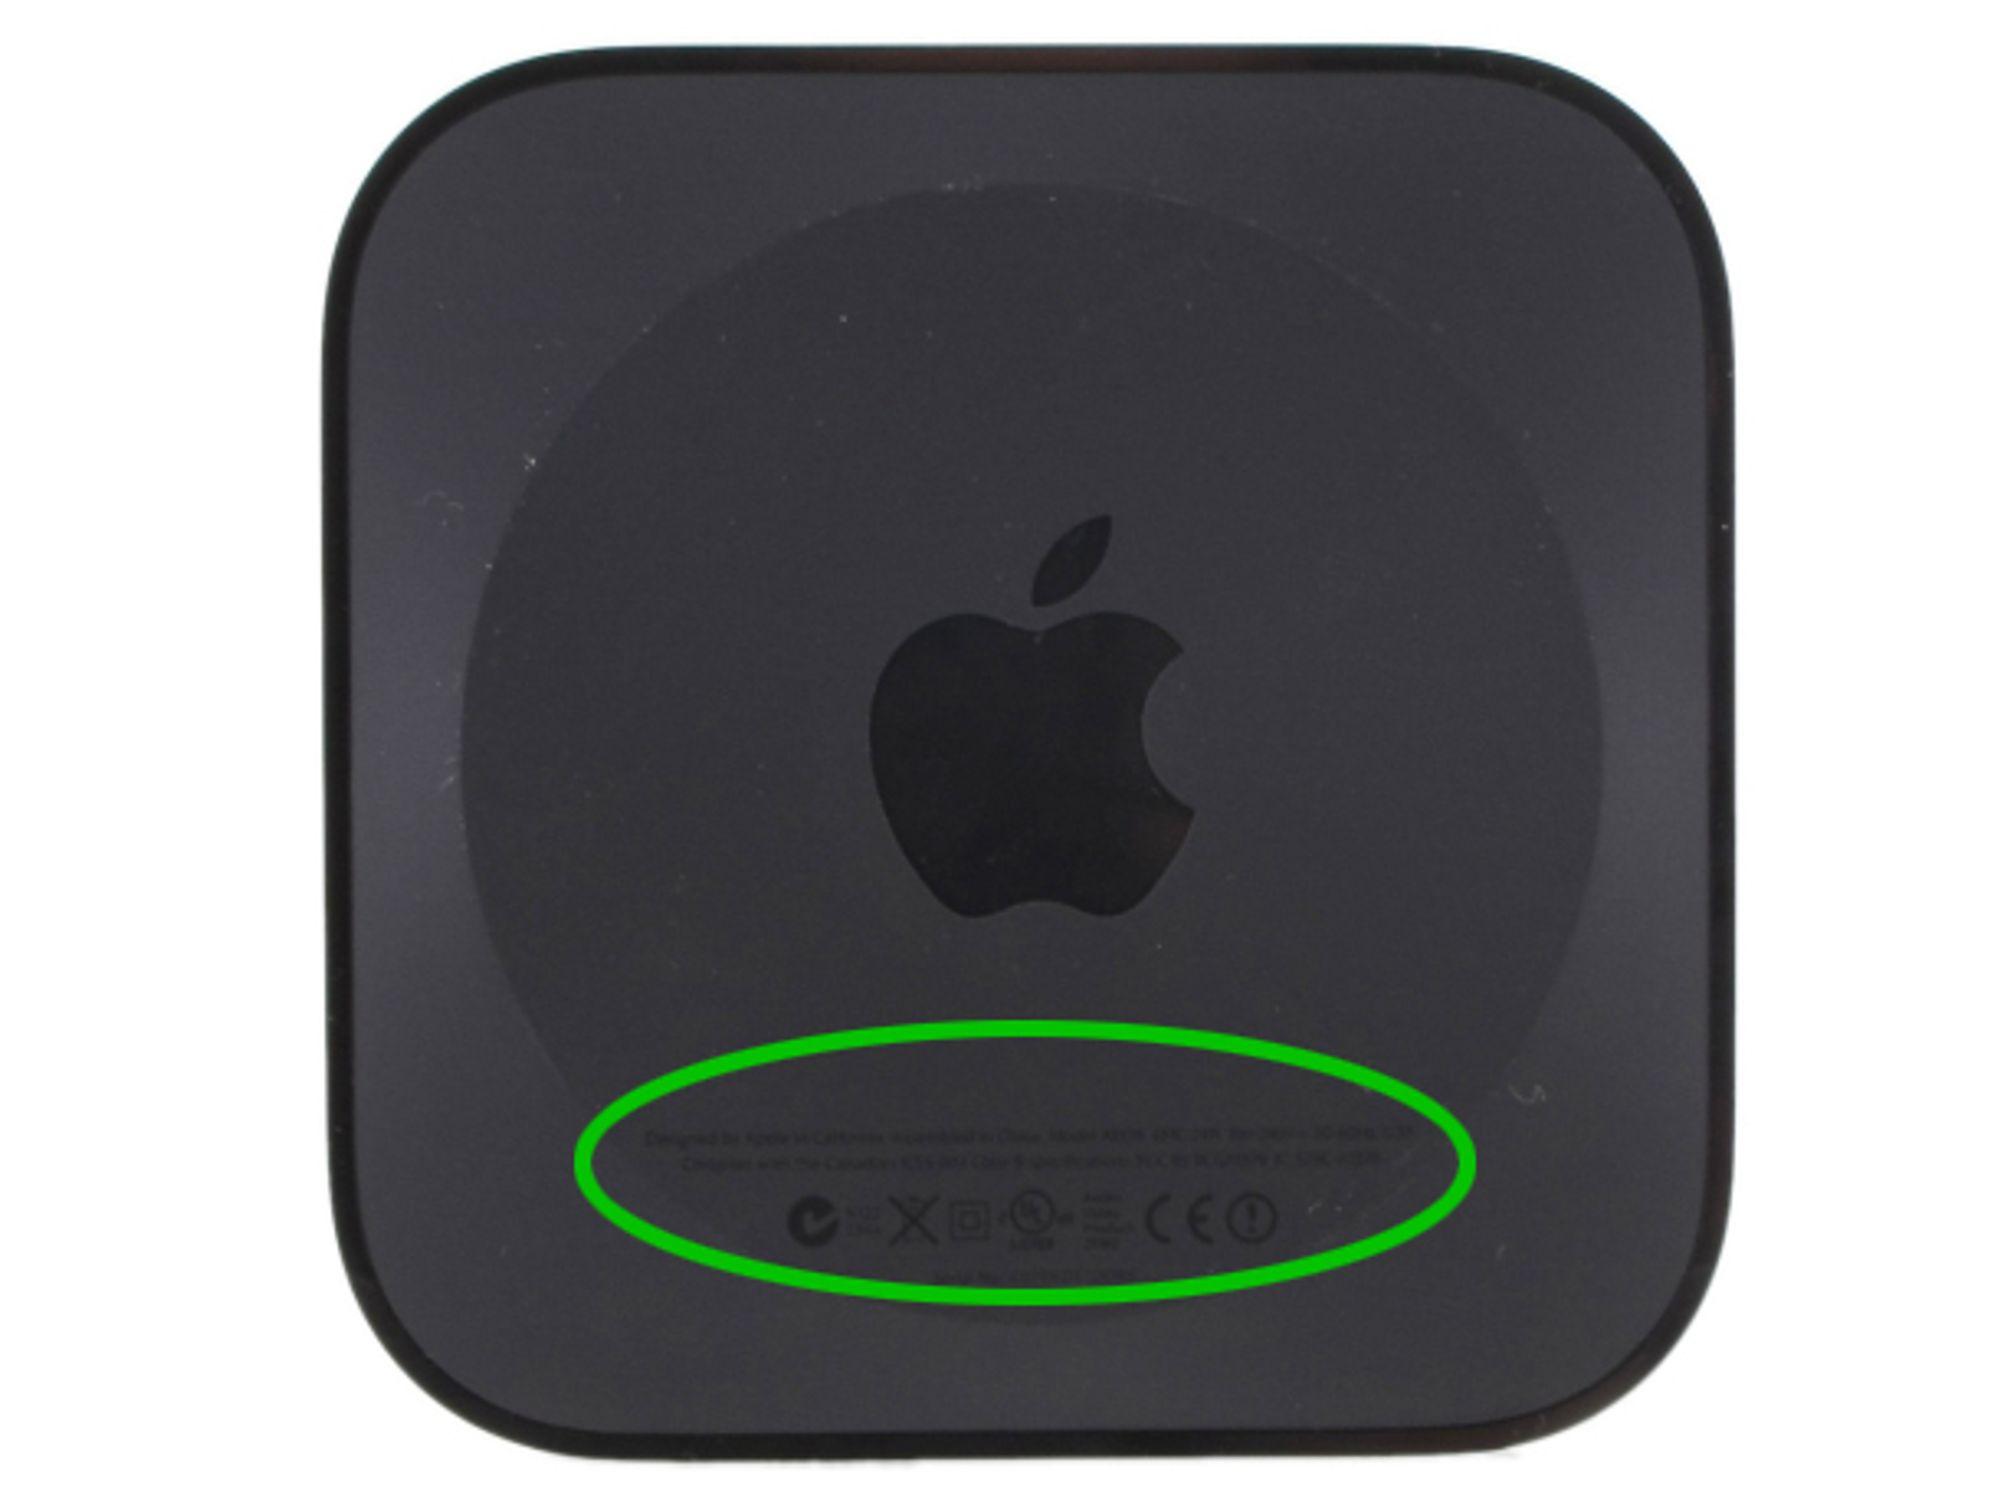 Gammel Apple TV – dobbel pris - Tek.no